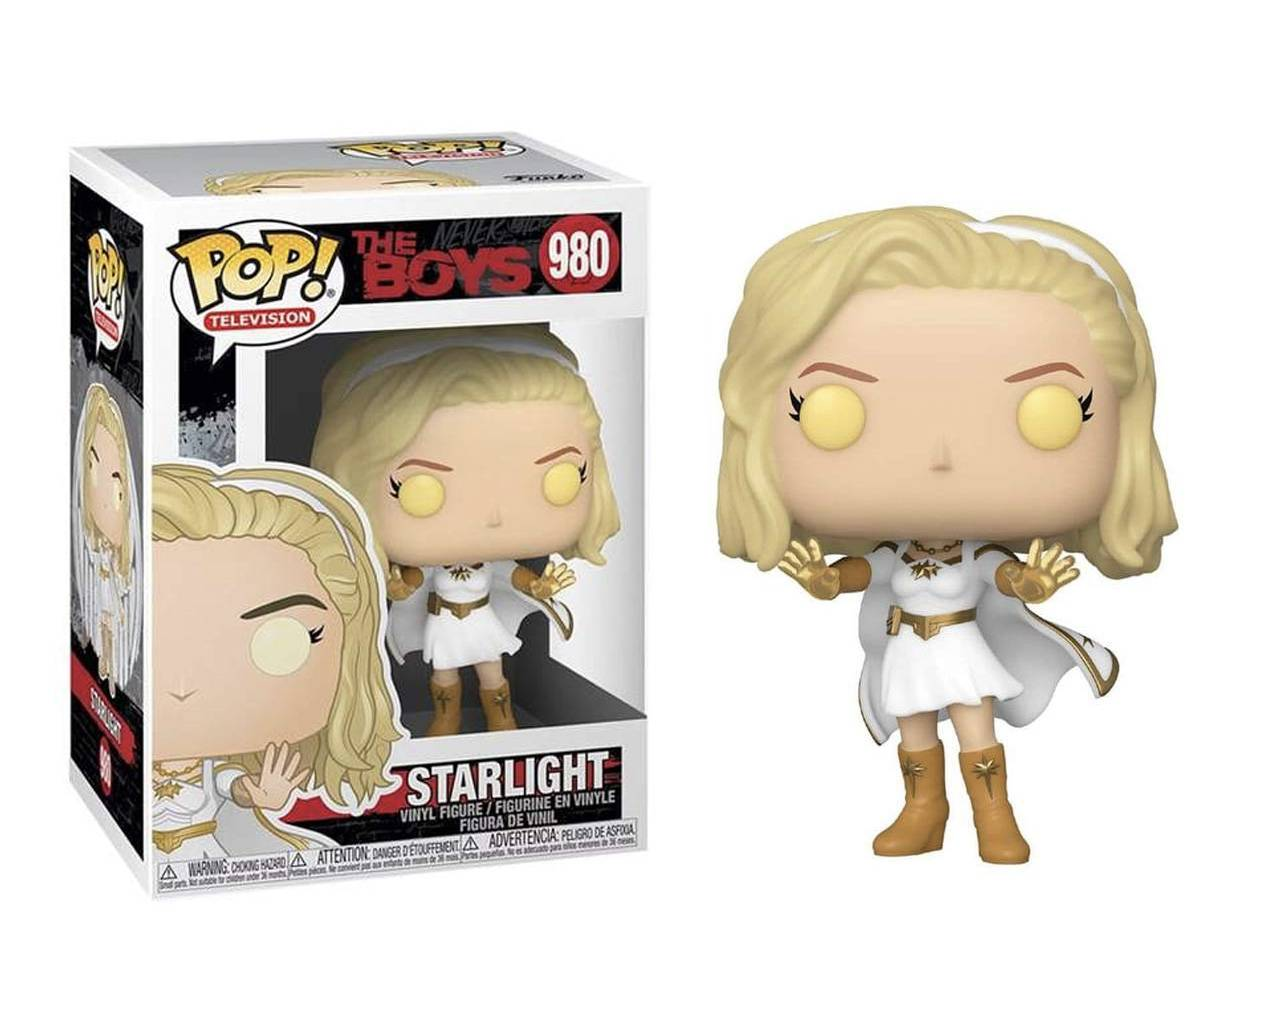 Starlight Pop! Vinyl